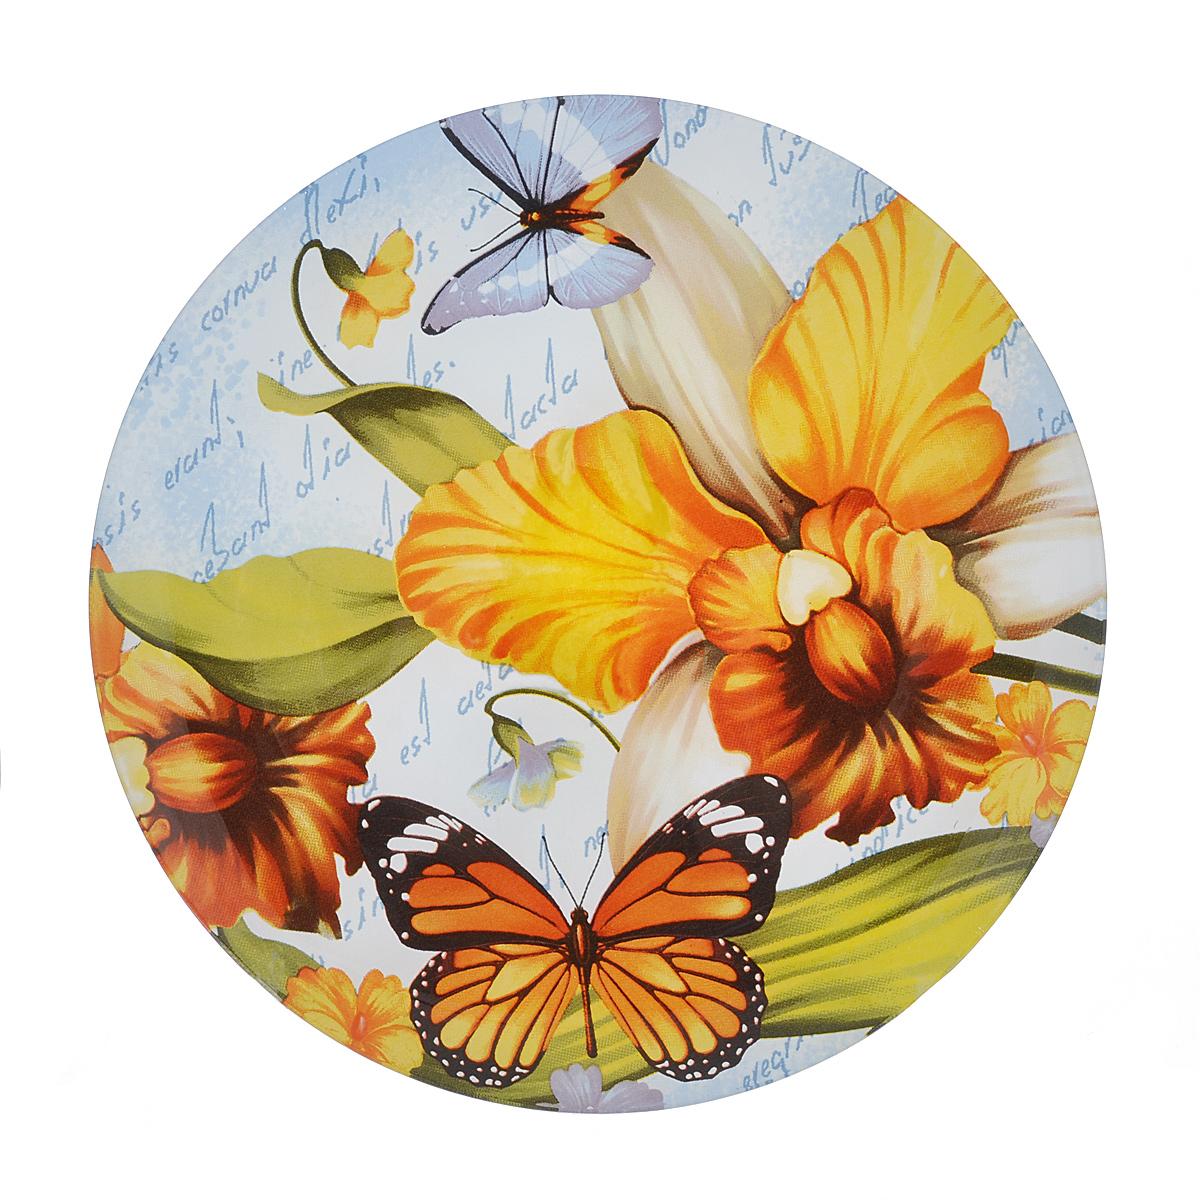 Тарелка Zibo Shelley Лето, диаметр 20 смZSSU3008A108Тарелка Zibo Shelley Лето изготовлена из высококачественного стекла. Предназначена для красивой подачи различных блюд. Изделие украшено ярким изображением цветов. Такая тарелка украсит сервировку стола и подчеркнет прекрасный вкус хозяйки. Можно мыть в посудомоечной машине. Диаметр: 20 см. Высота: 1 см.